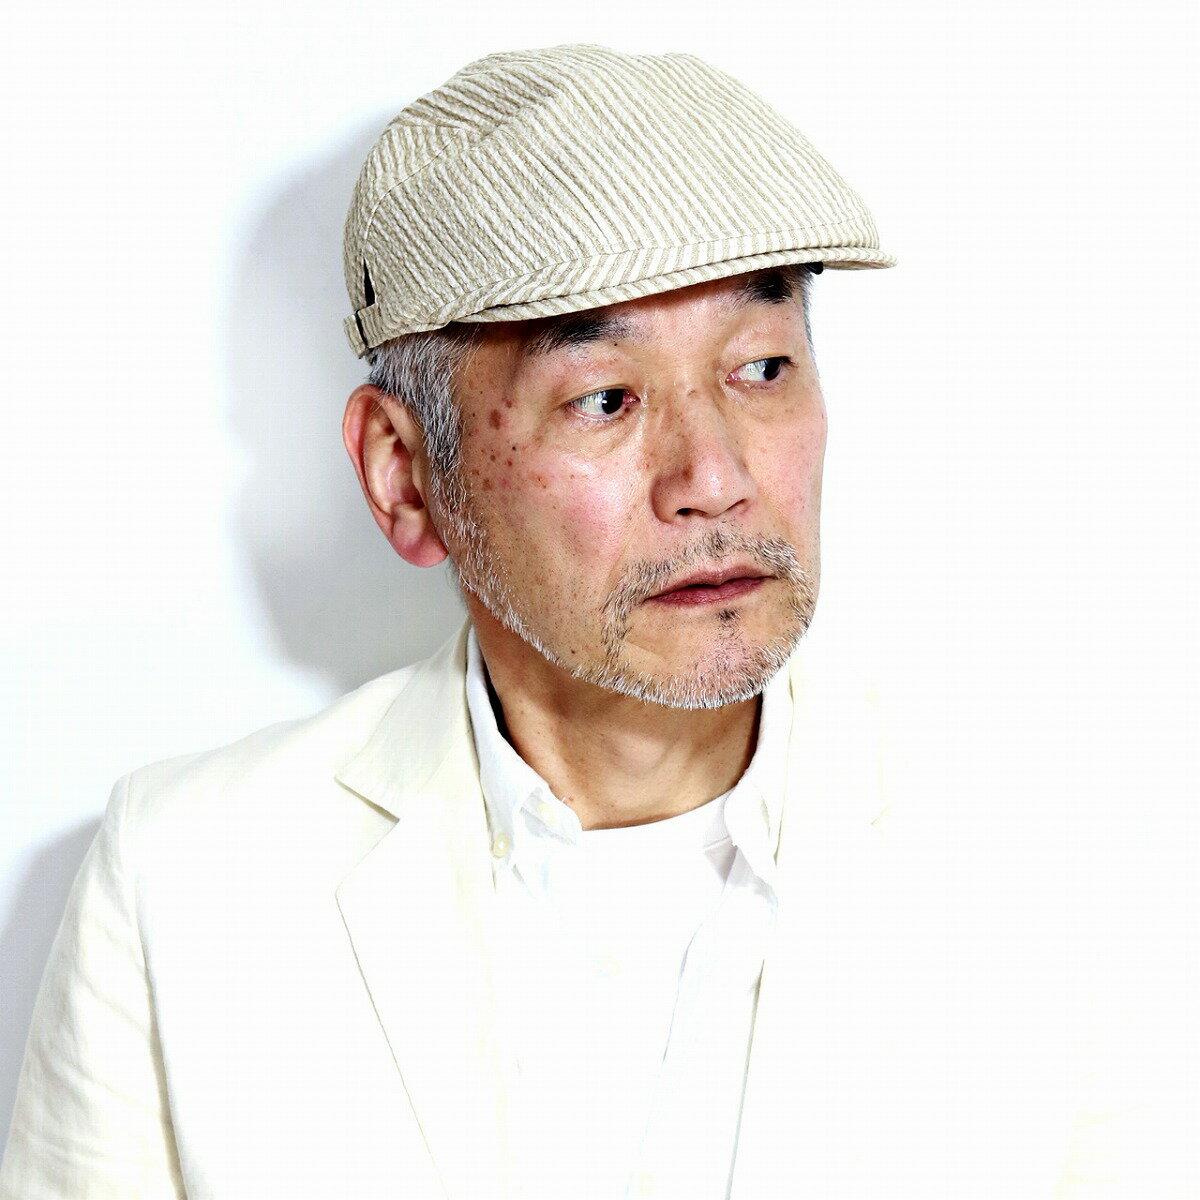 REGALIS イタリア生地 ハンチング メンズ 春 夏 ストライプ柄 ハンチング帽 レガリス 紳士 帽子 ハンカチ付き 日本製 ブランド ベージュ [ ivy cap ] 父の日 ギフト プレゼント 贈り物